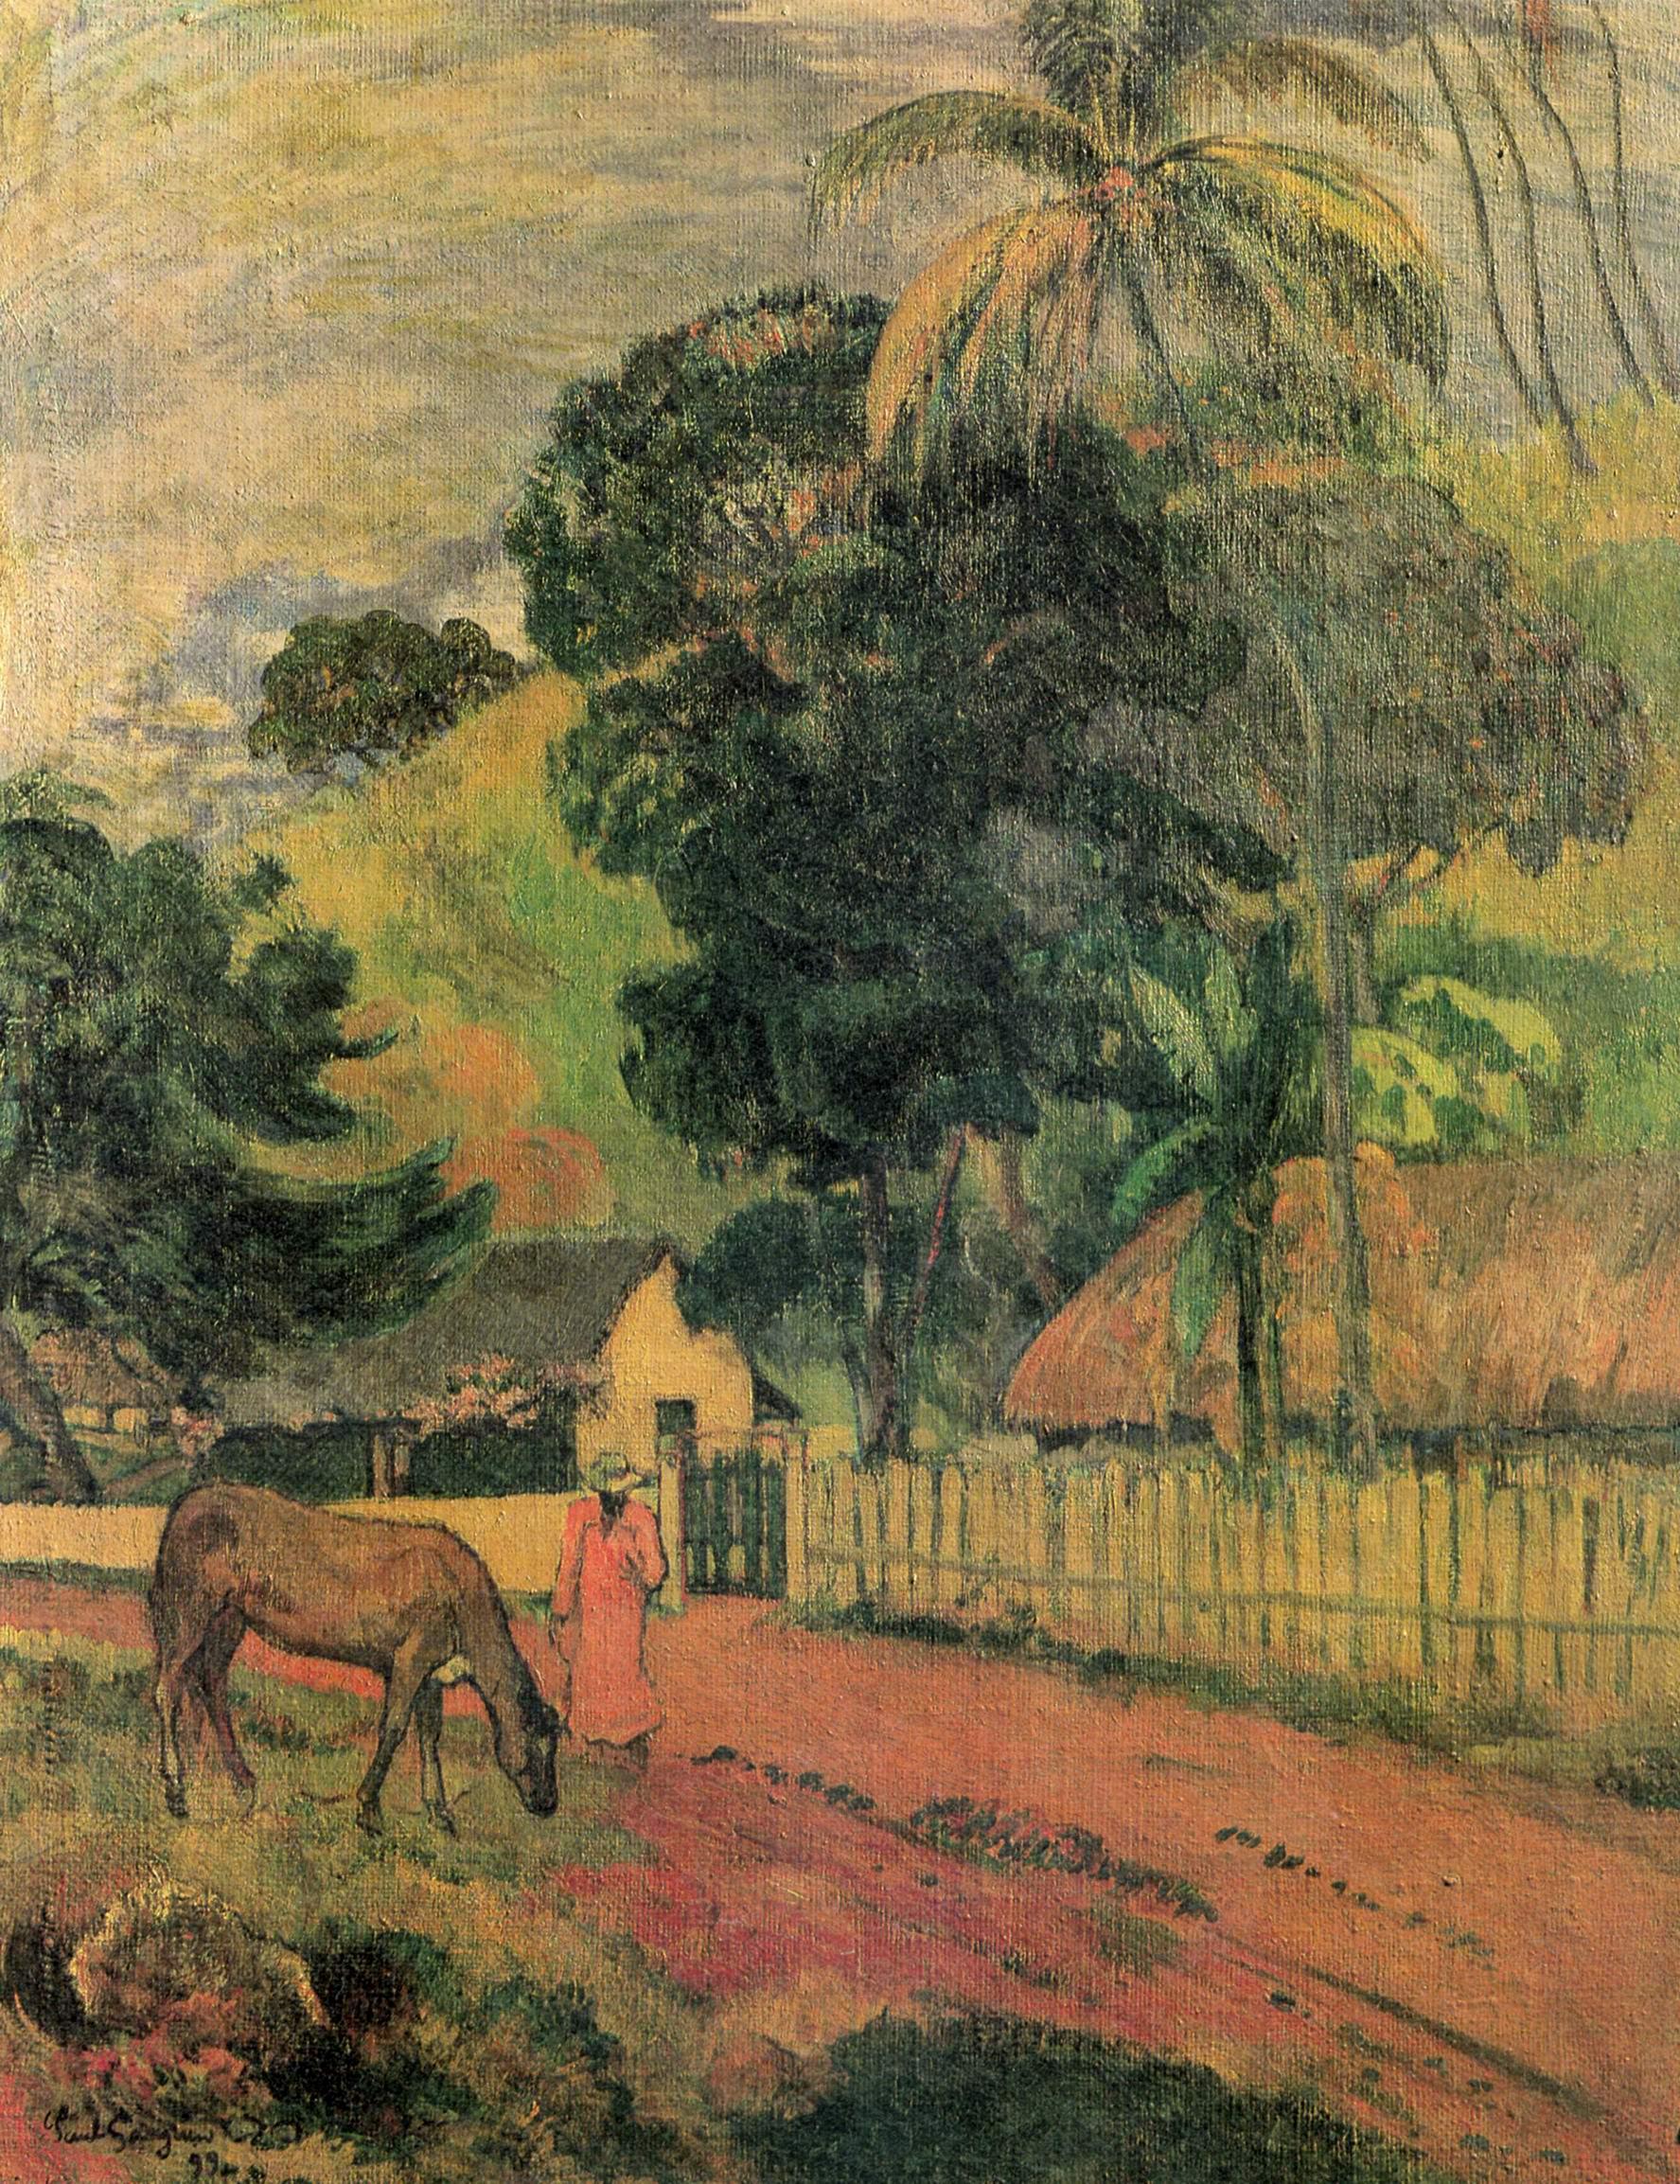 Пейзаж (Лошадь на дороге), Поль Гоген